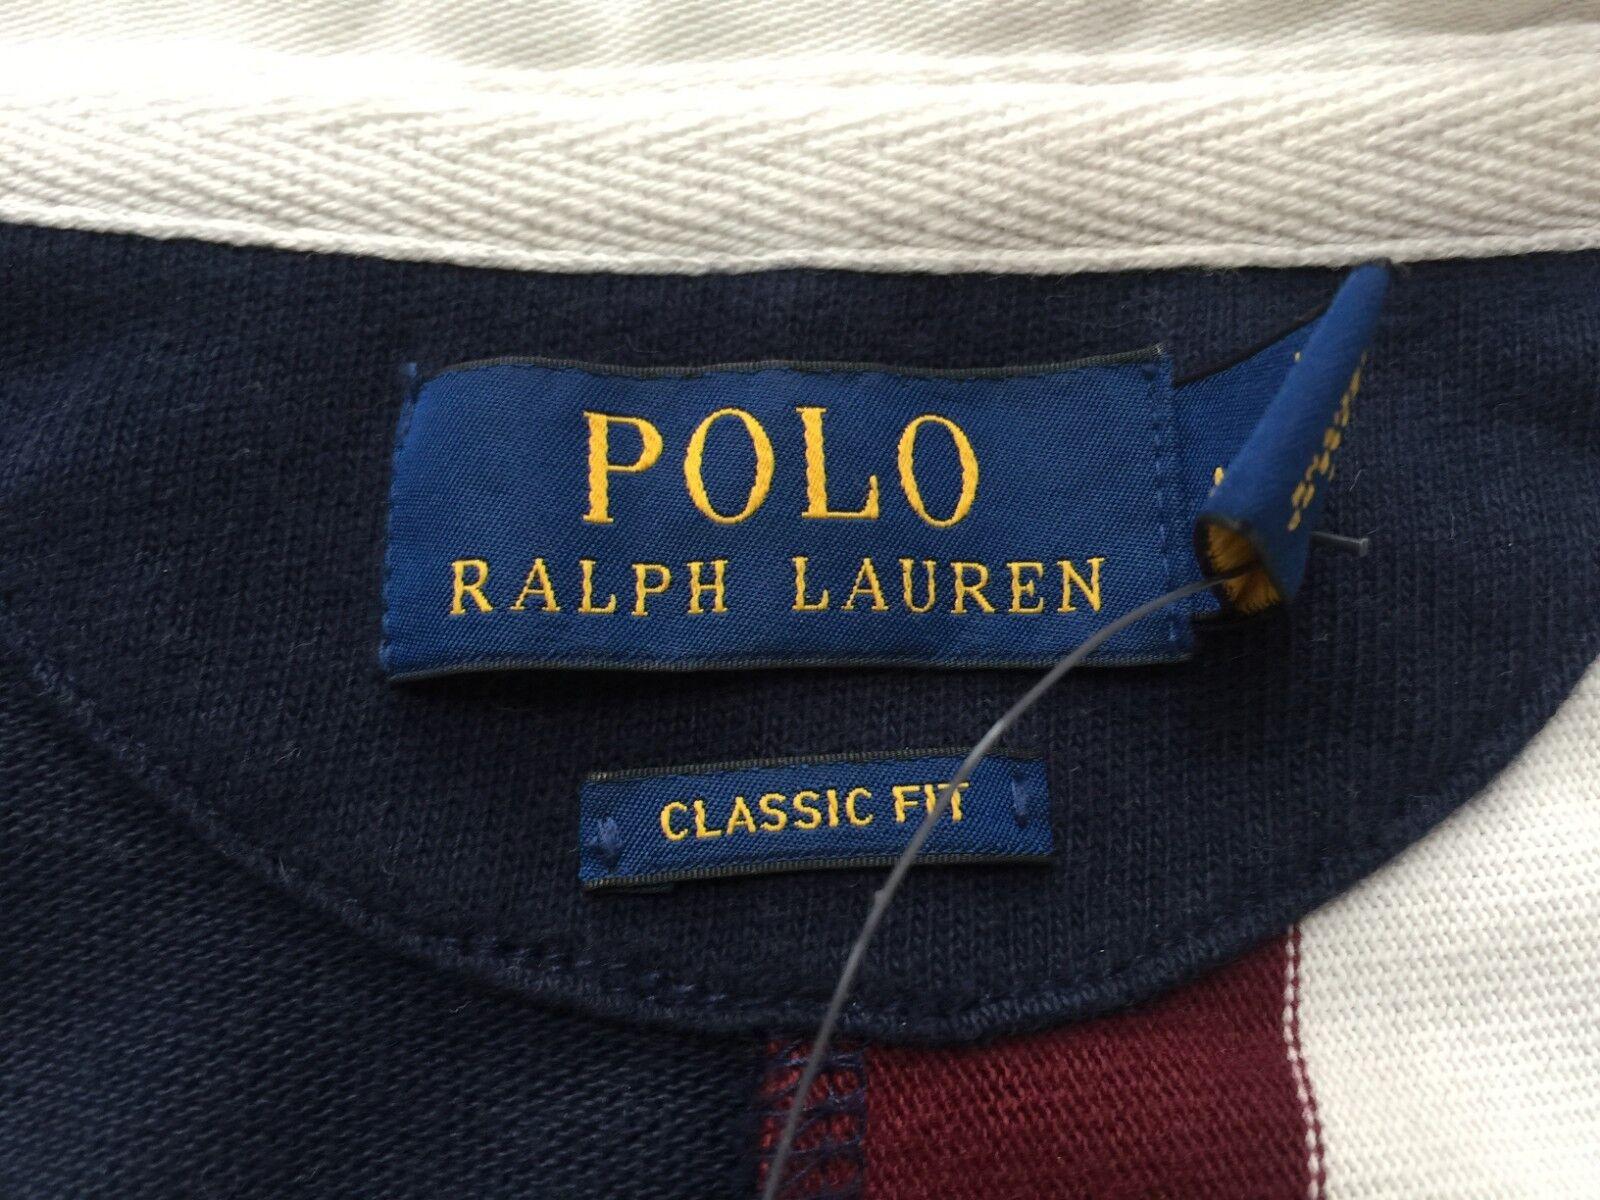 POLO POLO POLO Ralph Lauren Rugby Shirt Classic Fit Taglia M L Al Dettaglio  BNWT 6550f9